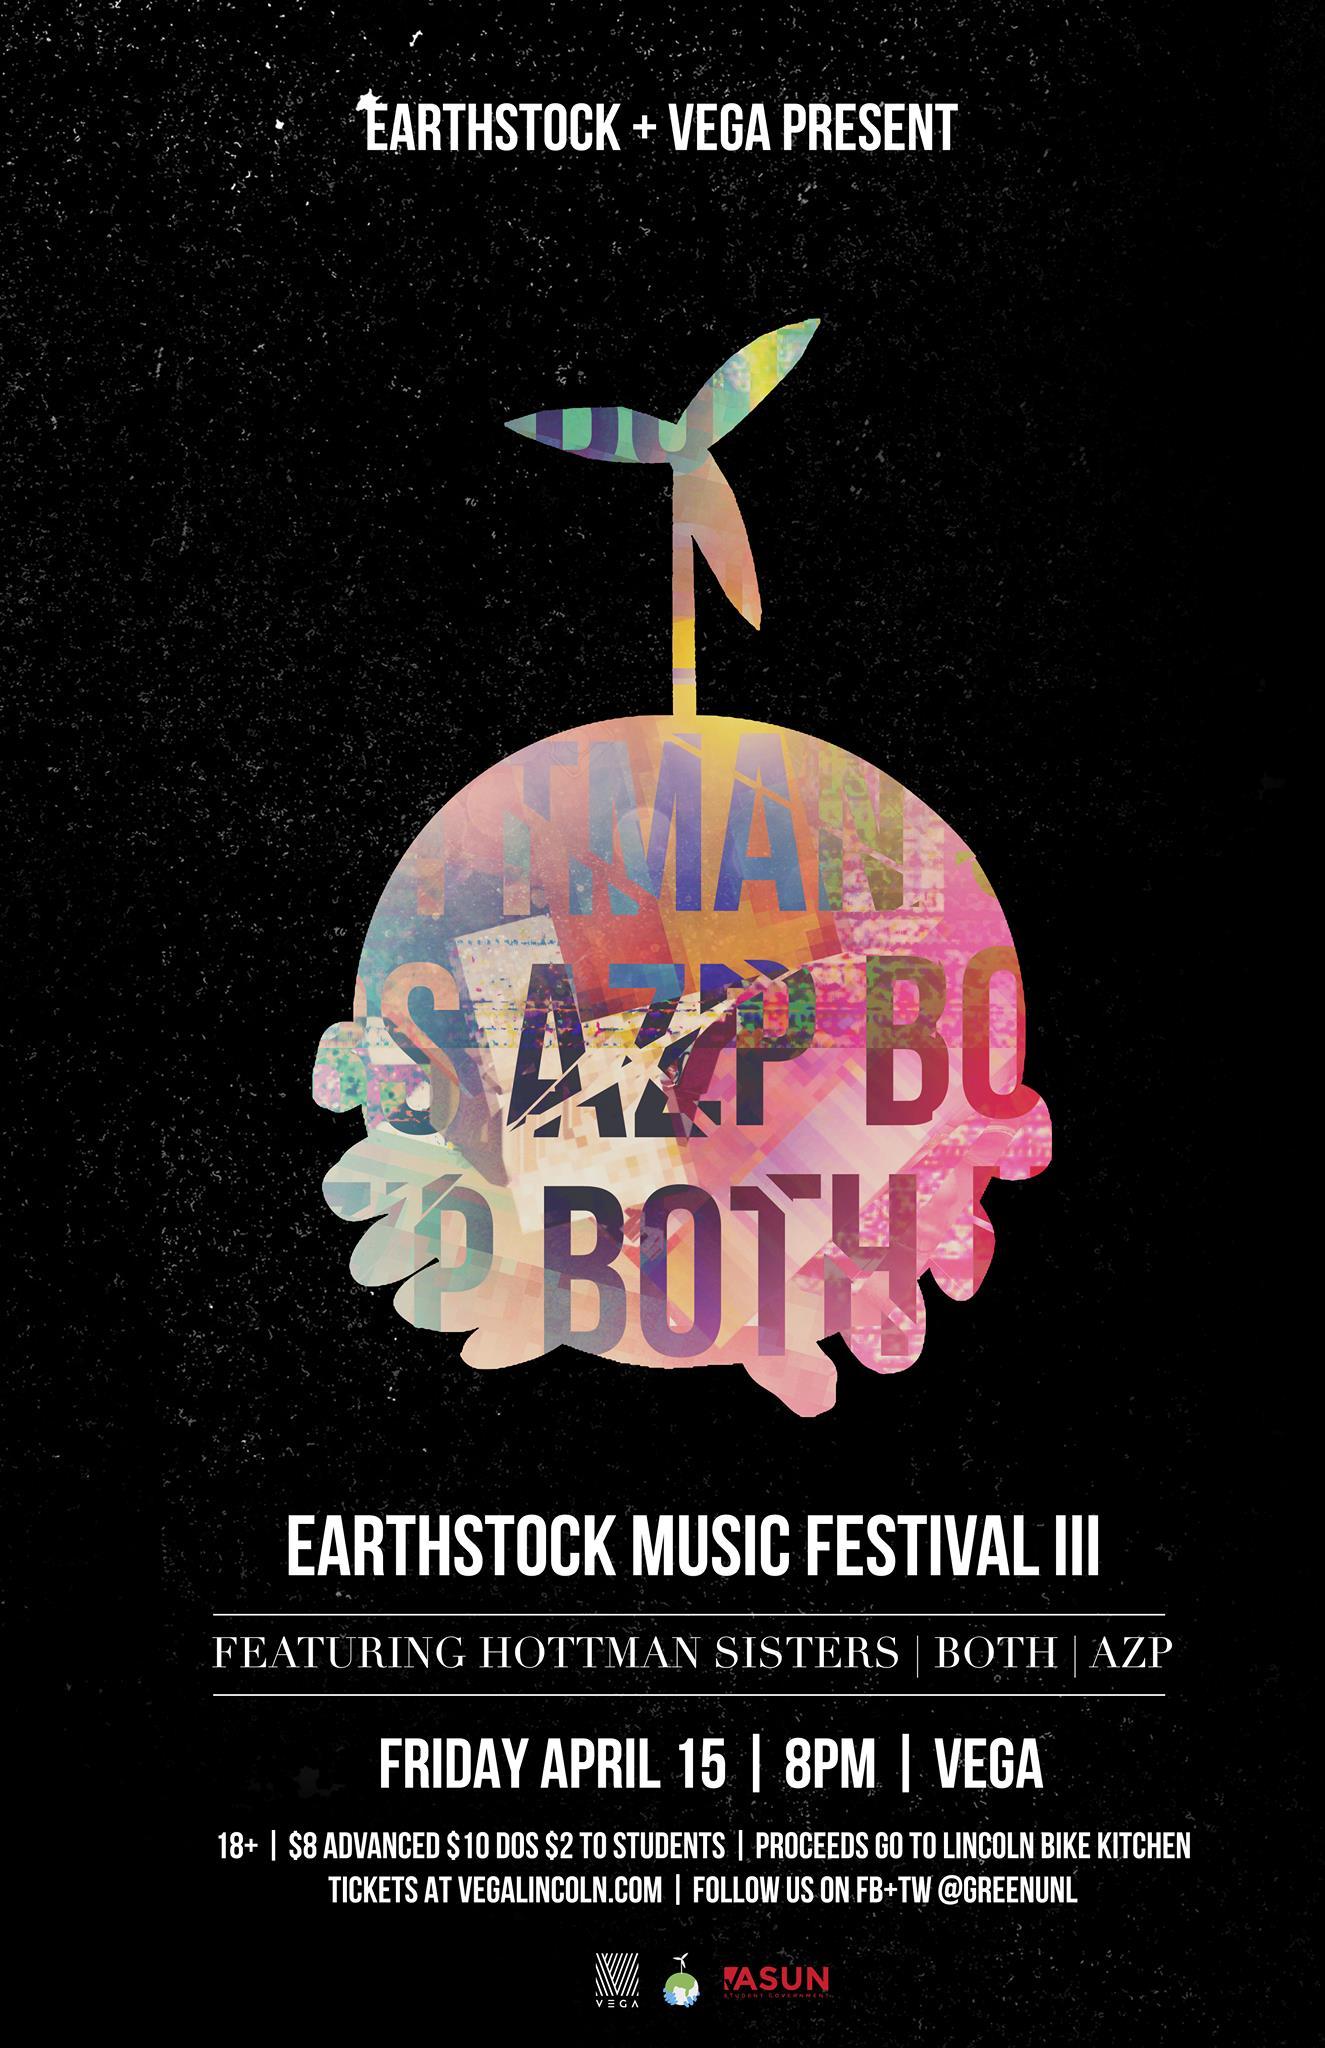 Earthstock Music Festival, Fri., April 15, Vega @ 8pm